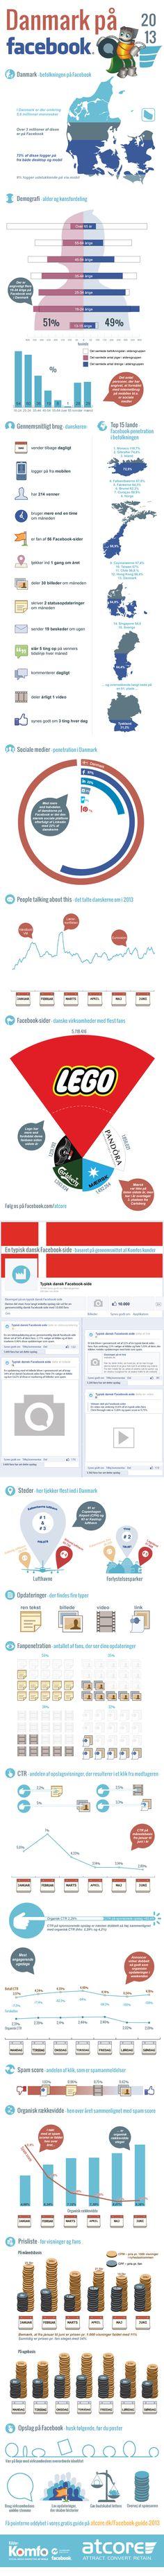 Klik for at se Atcores infographic om Danmark på Facebook 2013 i fuld størrelse